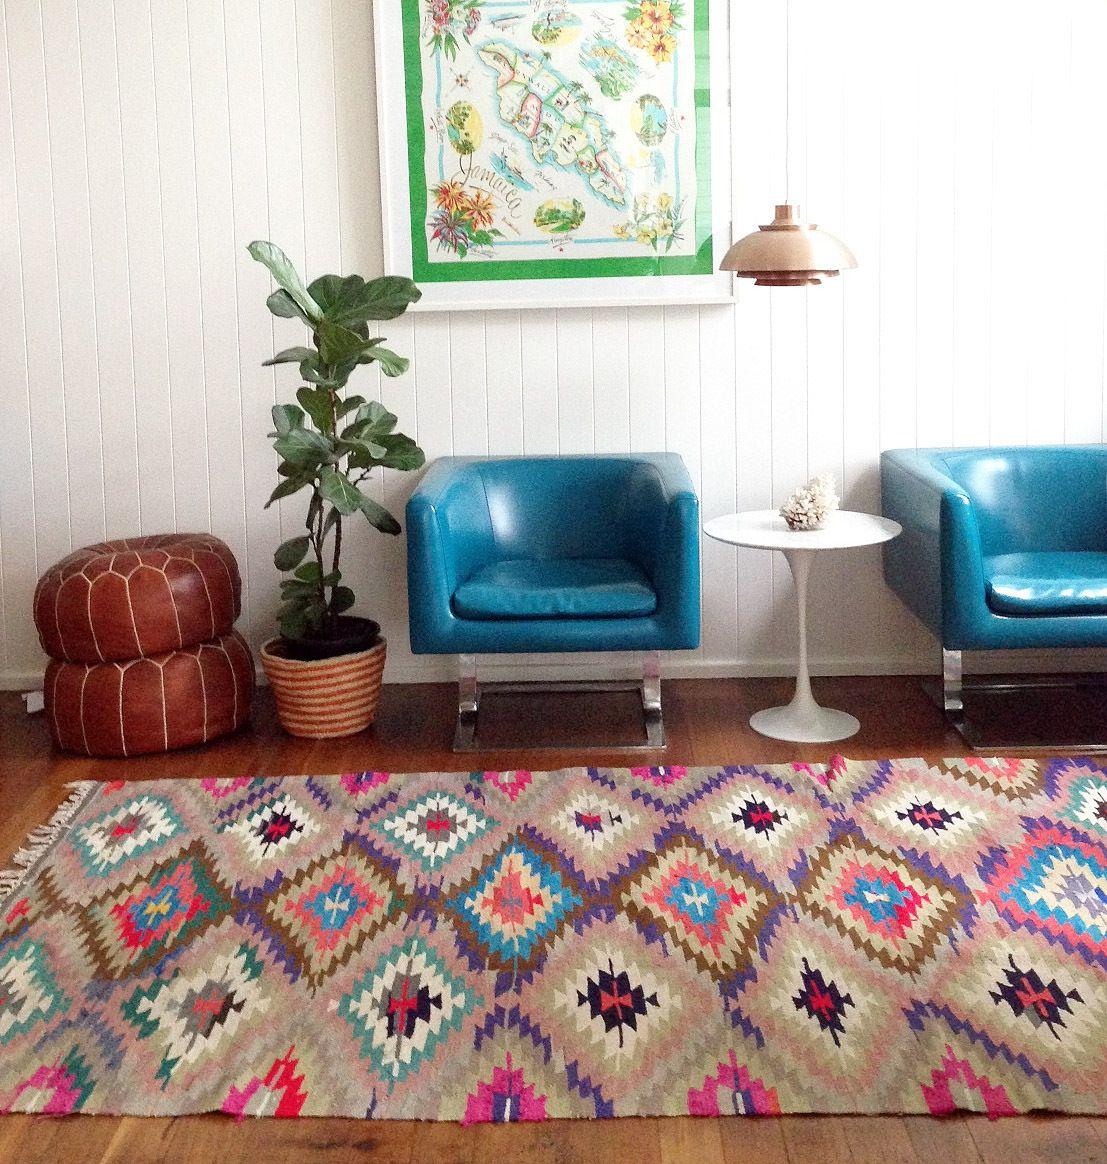 Decoraci n inspiraci n colores kilim alfombras - Alfombras para salones ...